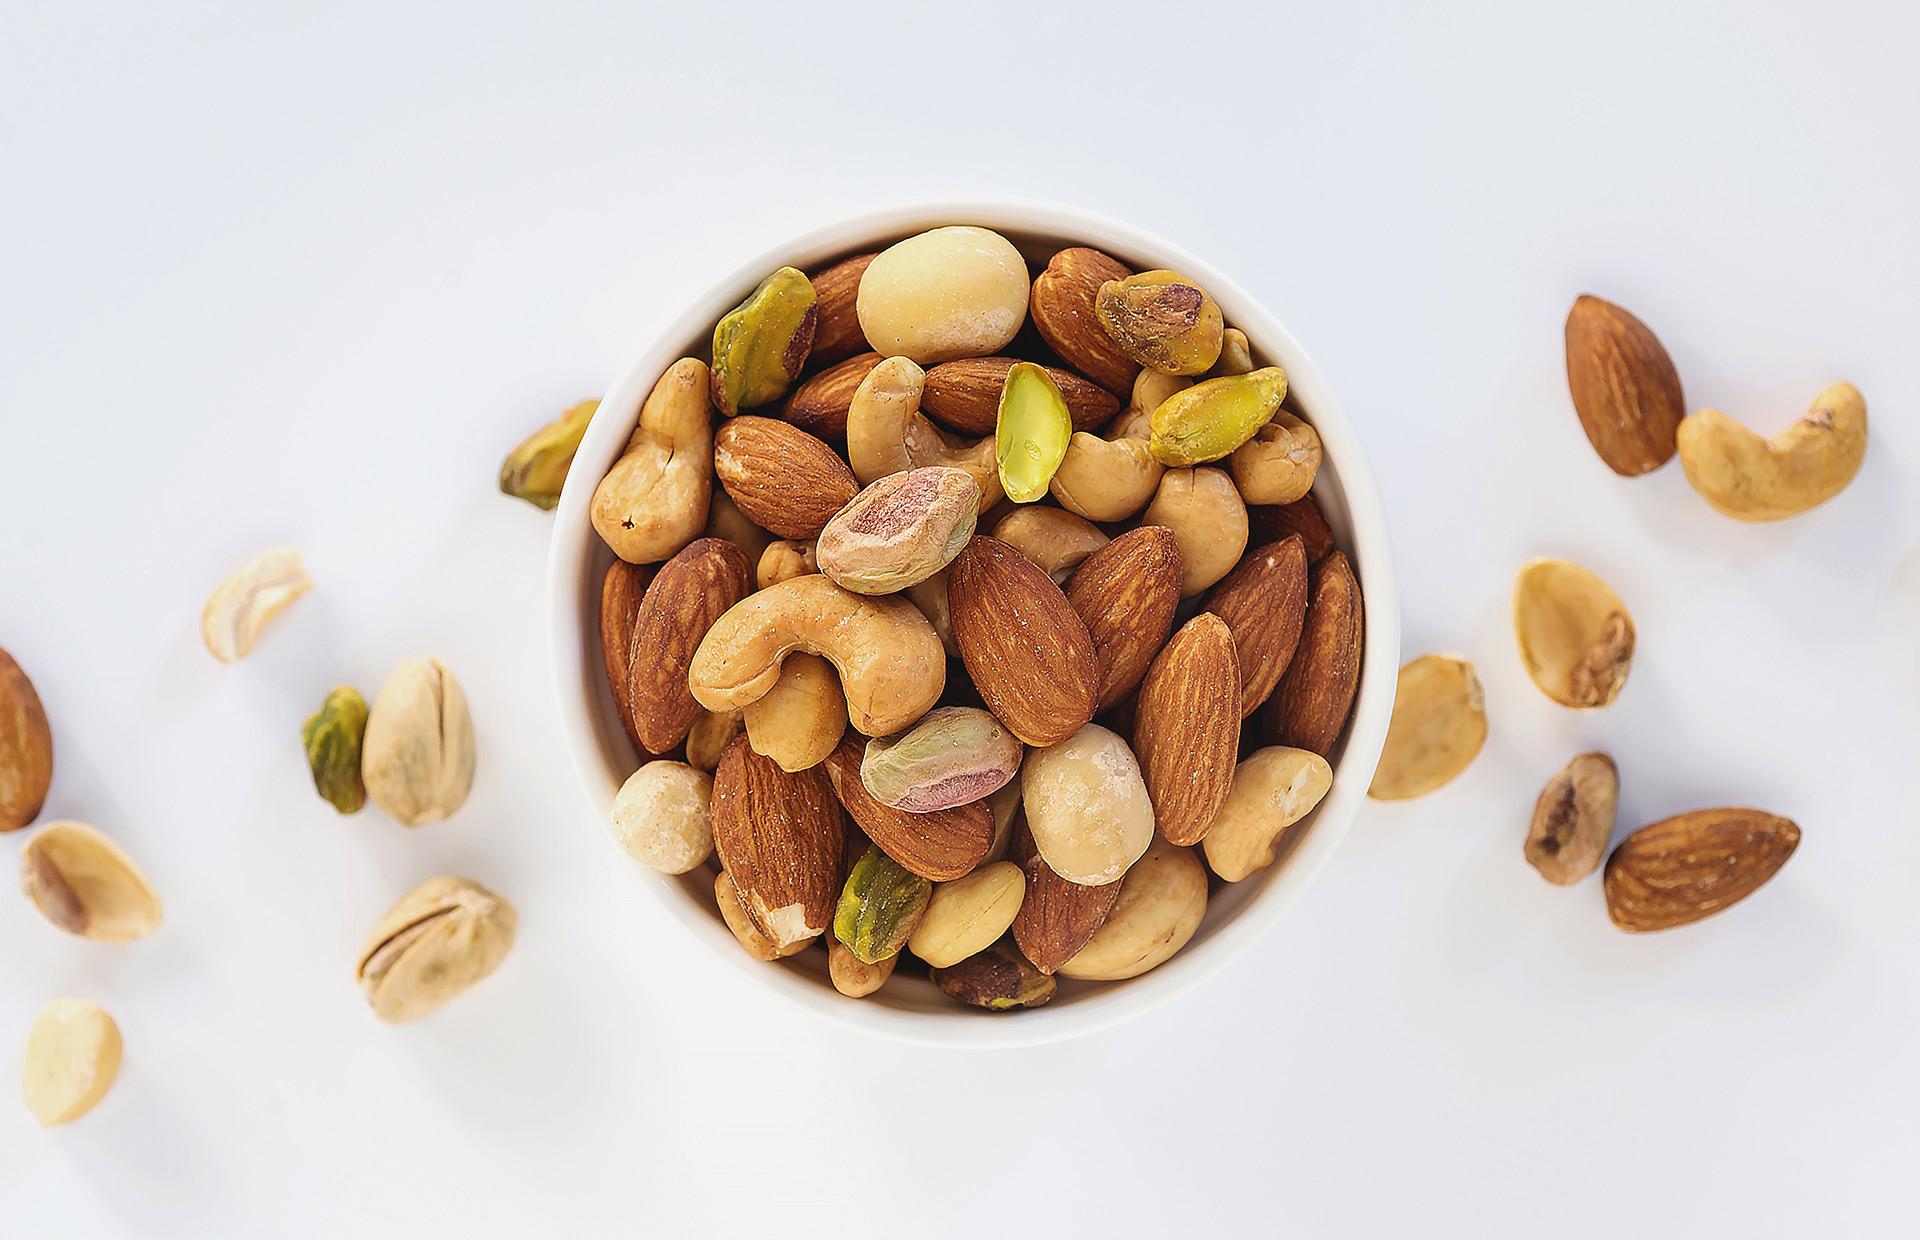 Польза и вред грецкого ореха для мужчин, включая влияние на потенцию и сердце. всё о продукте и его потреблении